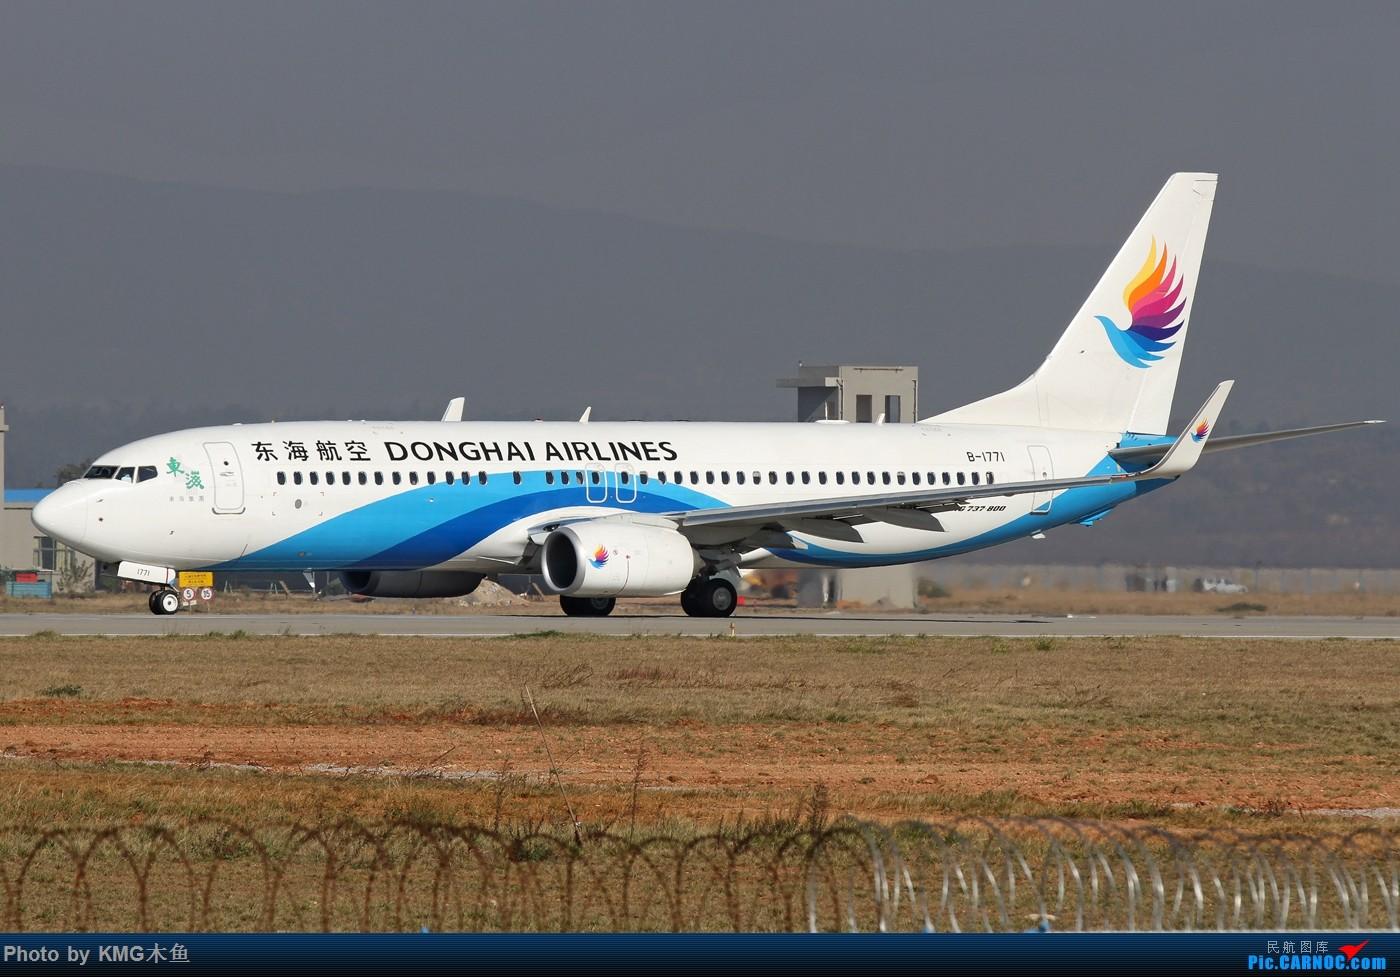 Re:[原创]【KMG昆明长水国际机场】好天气,拍到了好灰机,愉快的一天 BOEING 737-800 B-1771 中国昆明长水国际机场